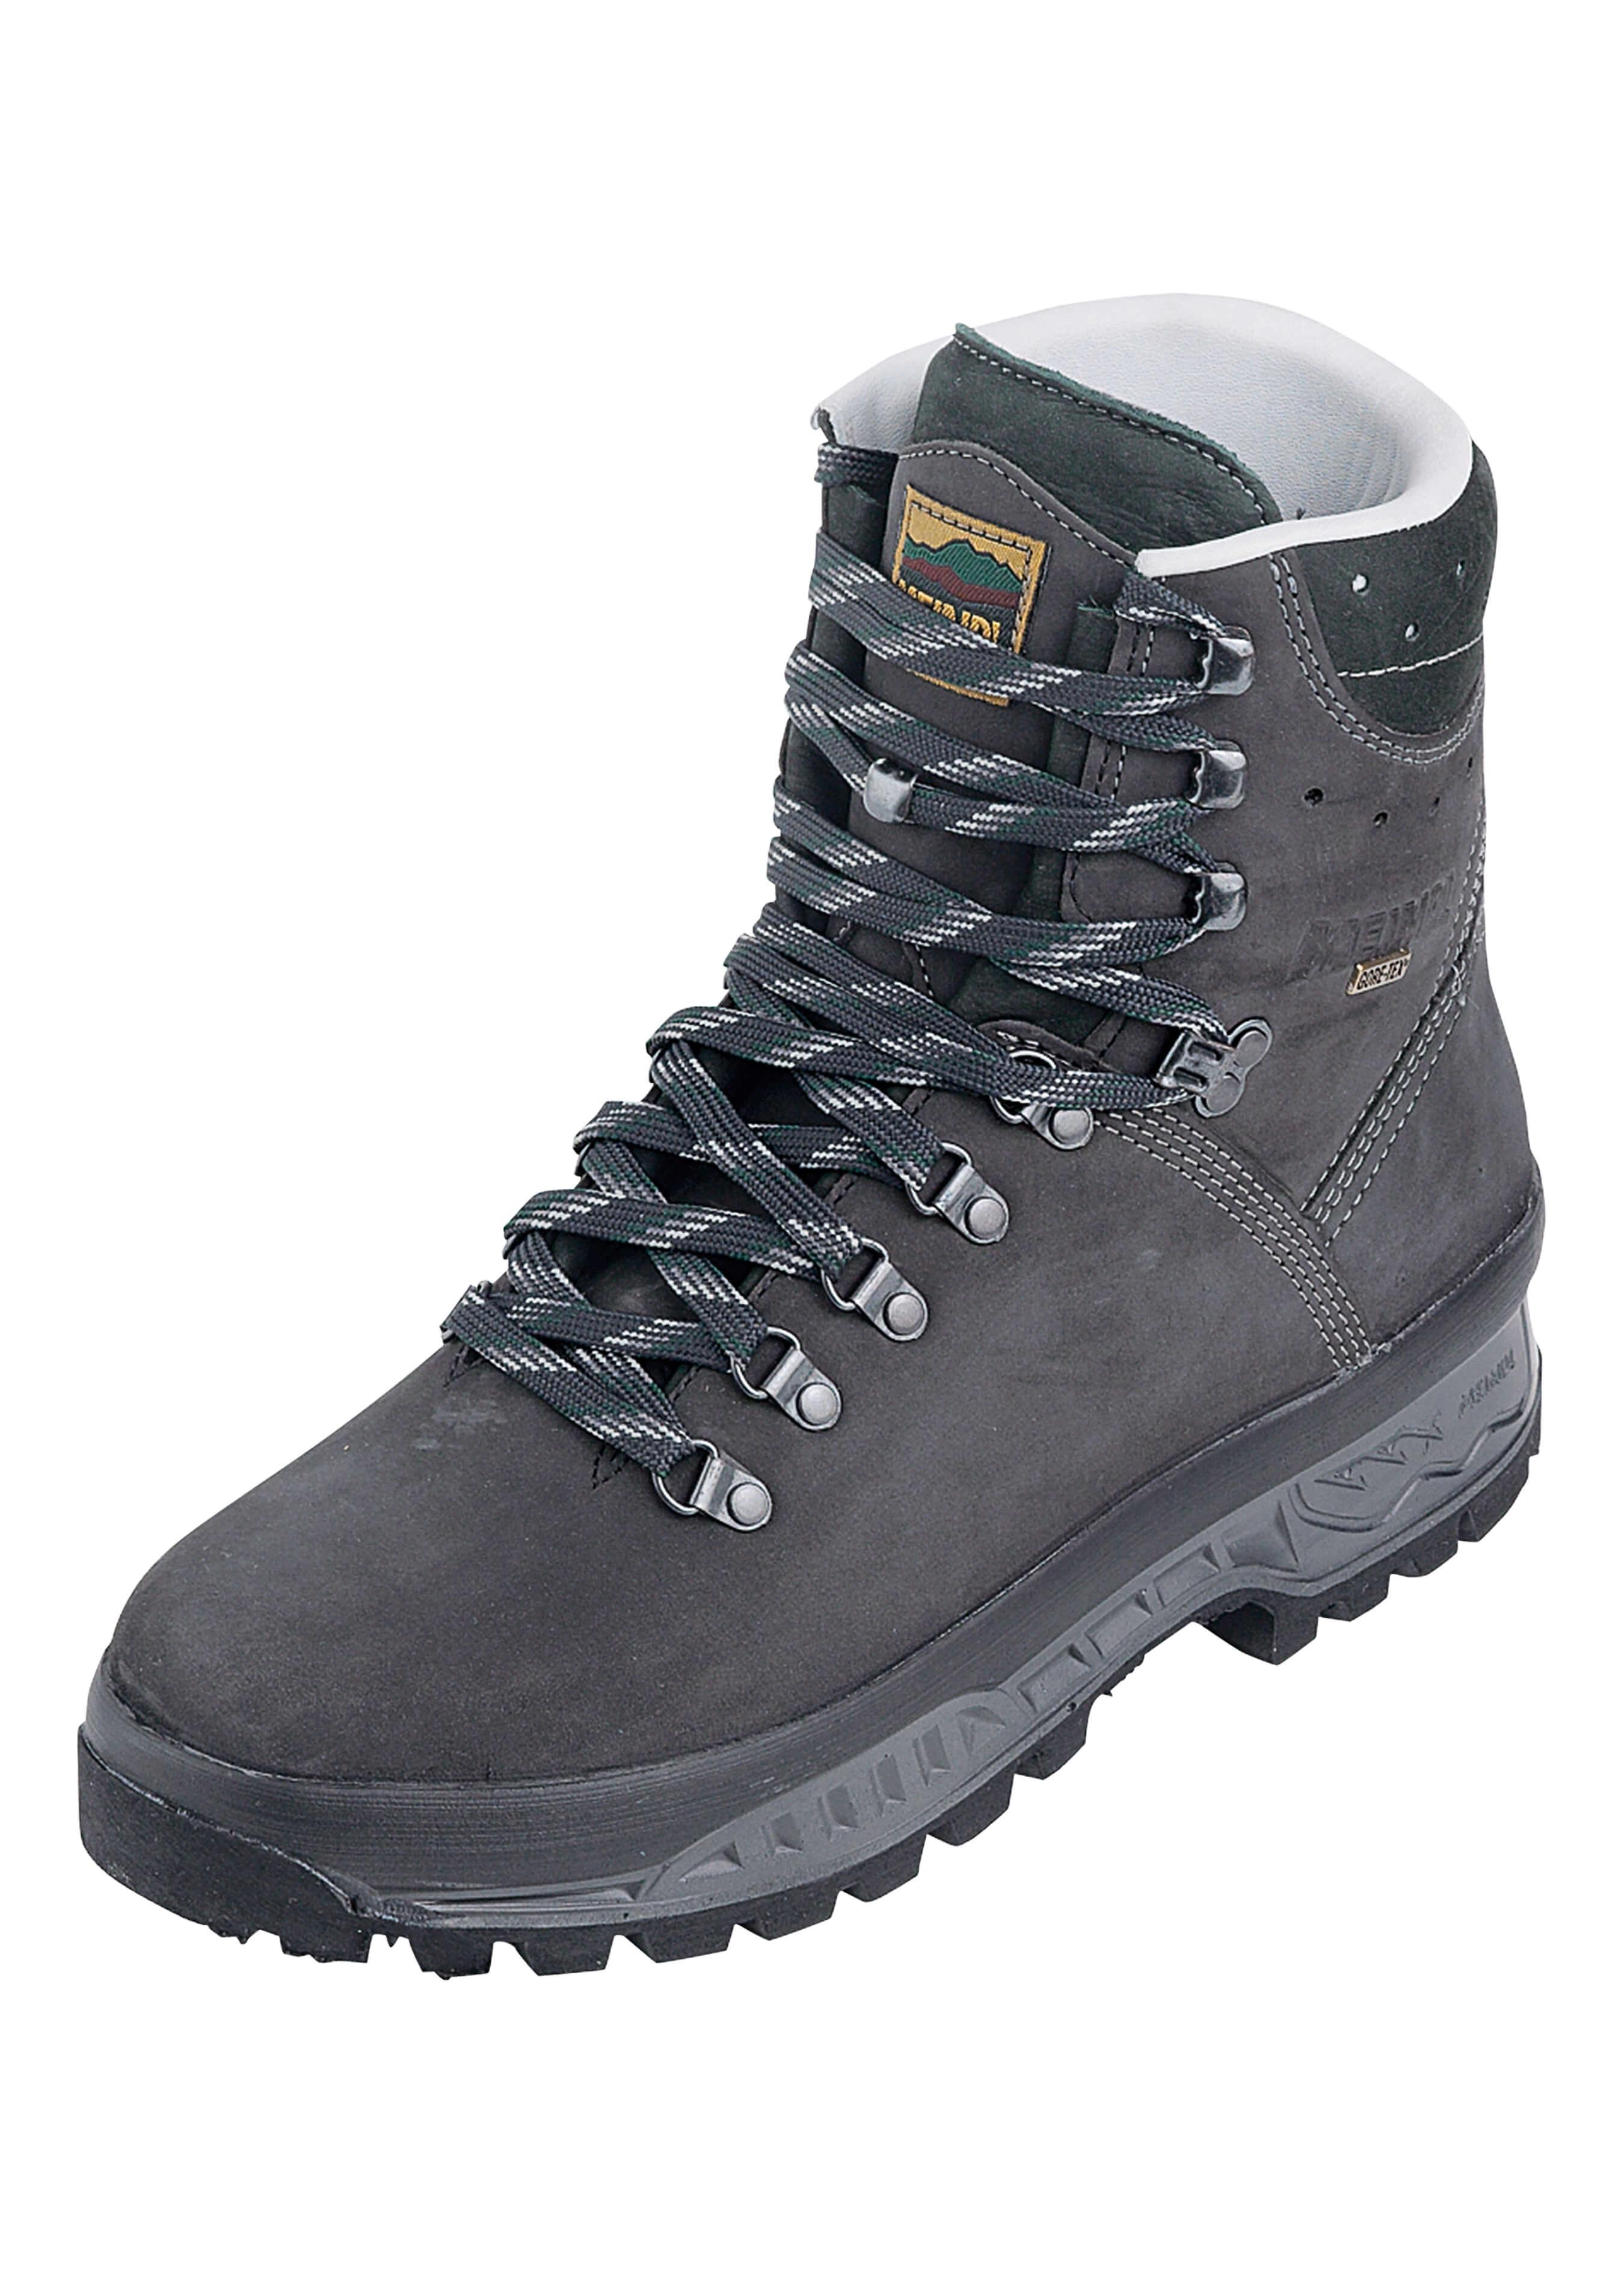 Chaussure de montagne Island L452410 1